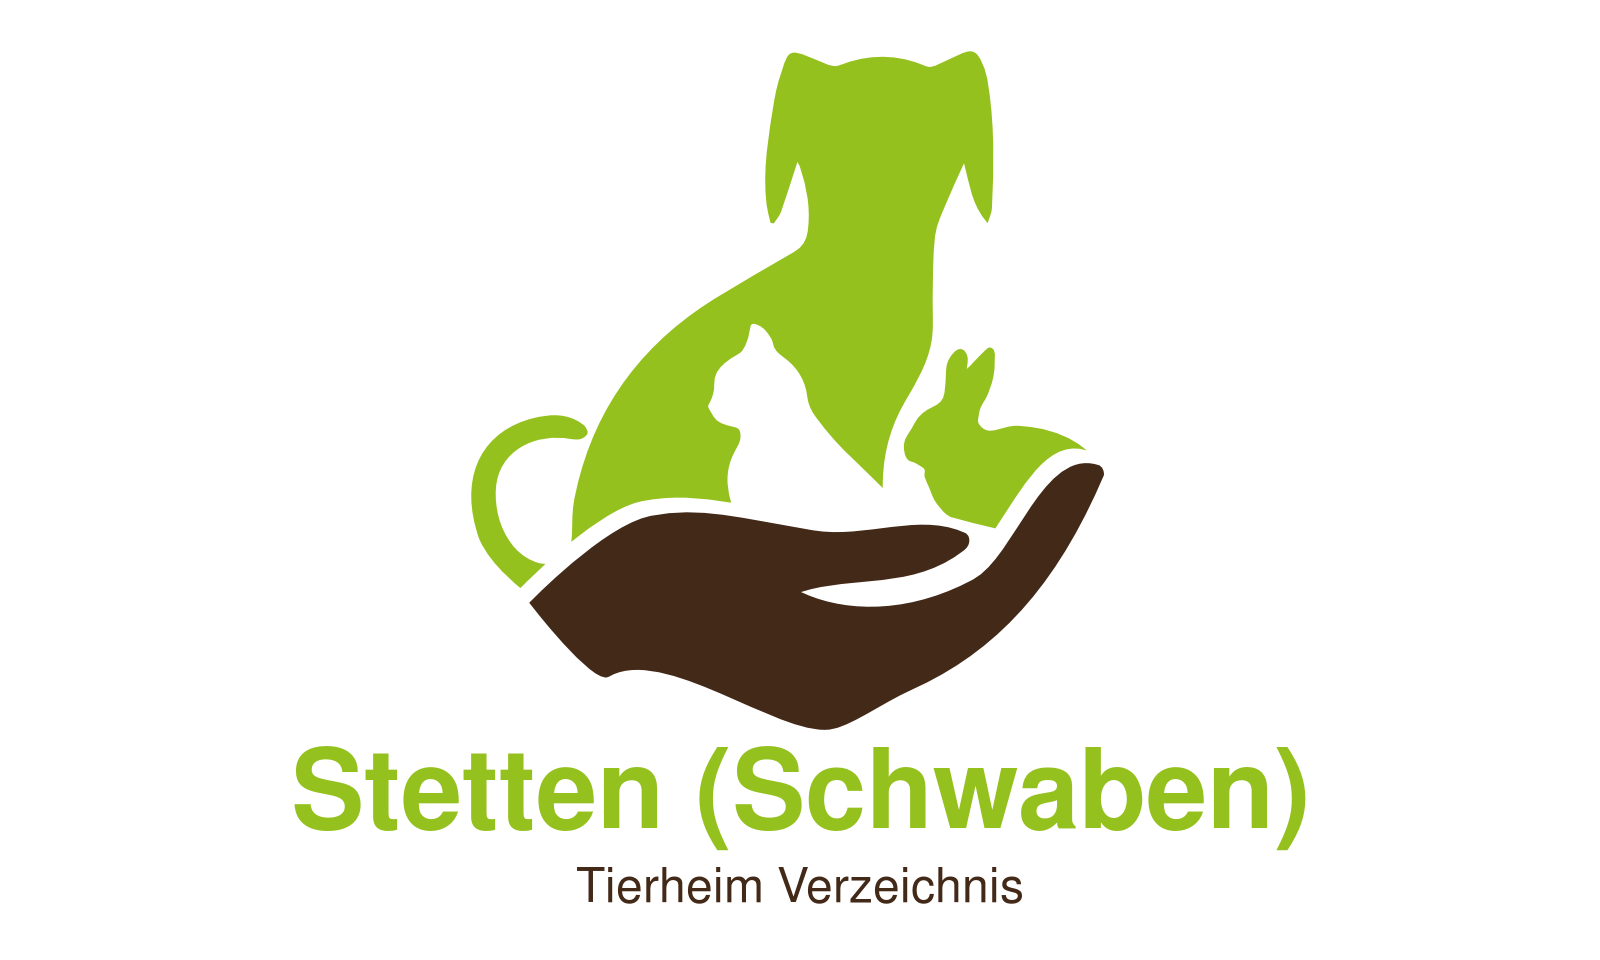 Tierheim Stetten (Schwaben)